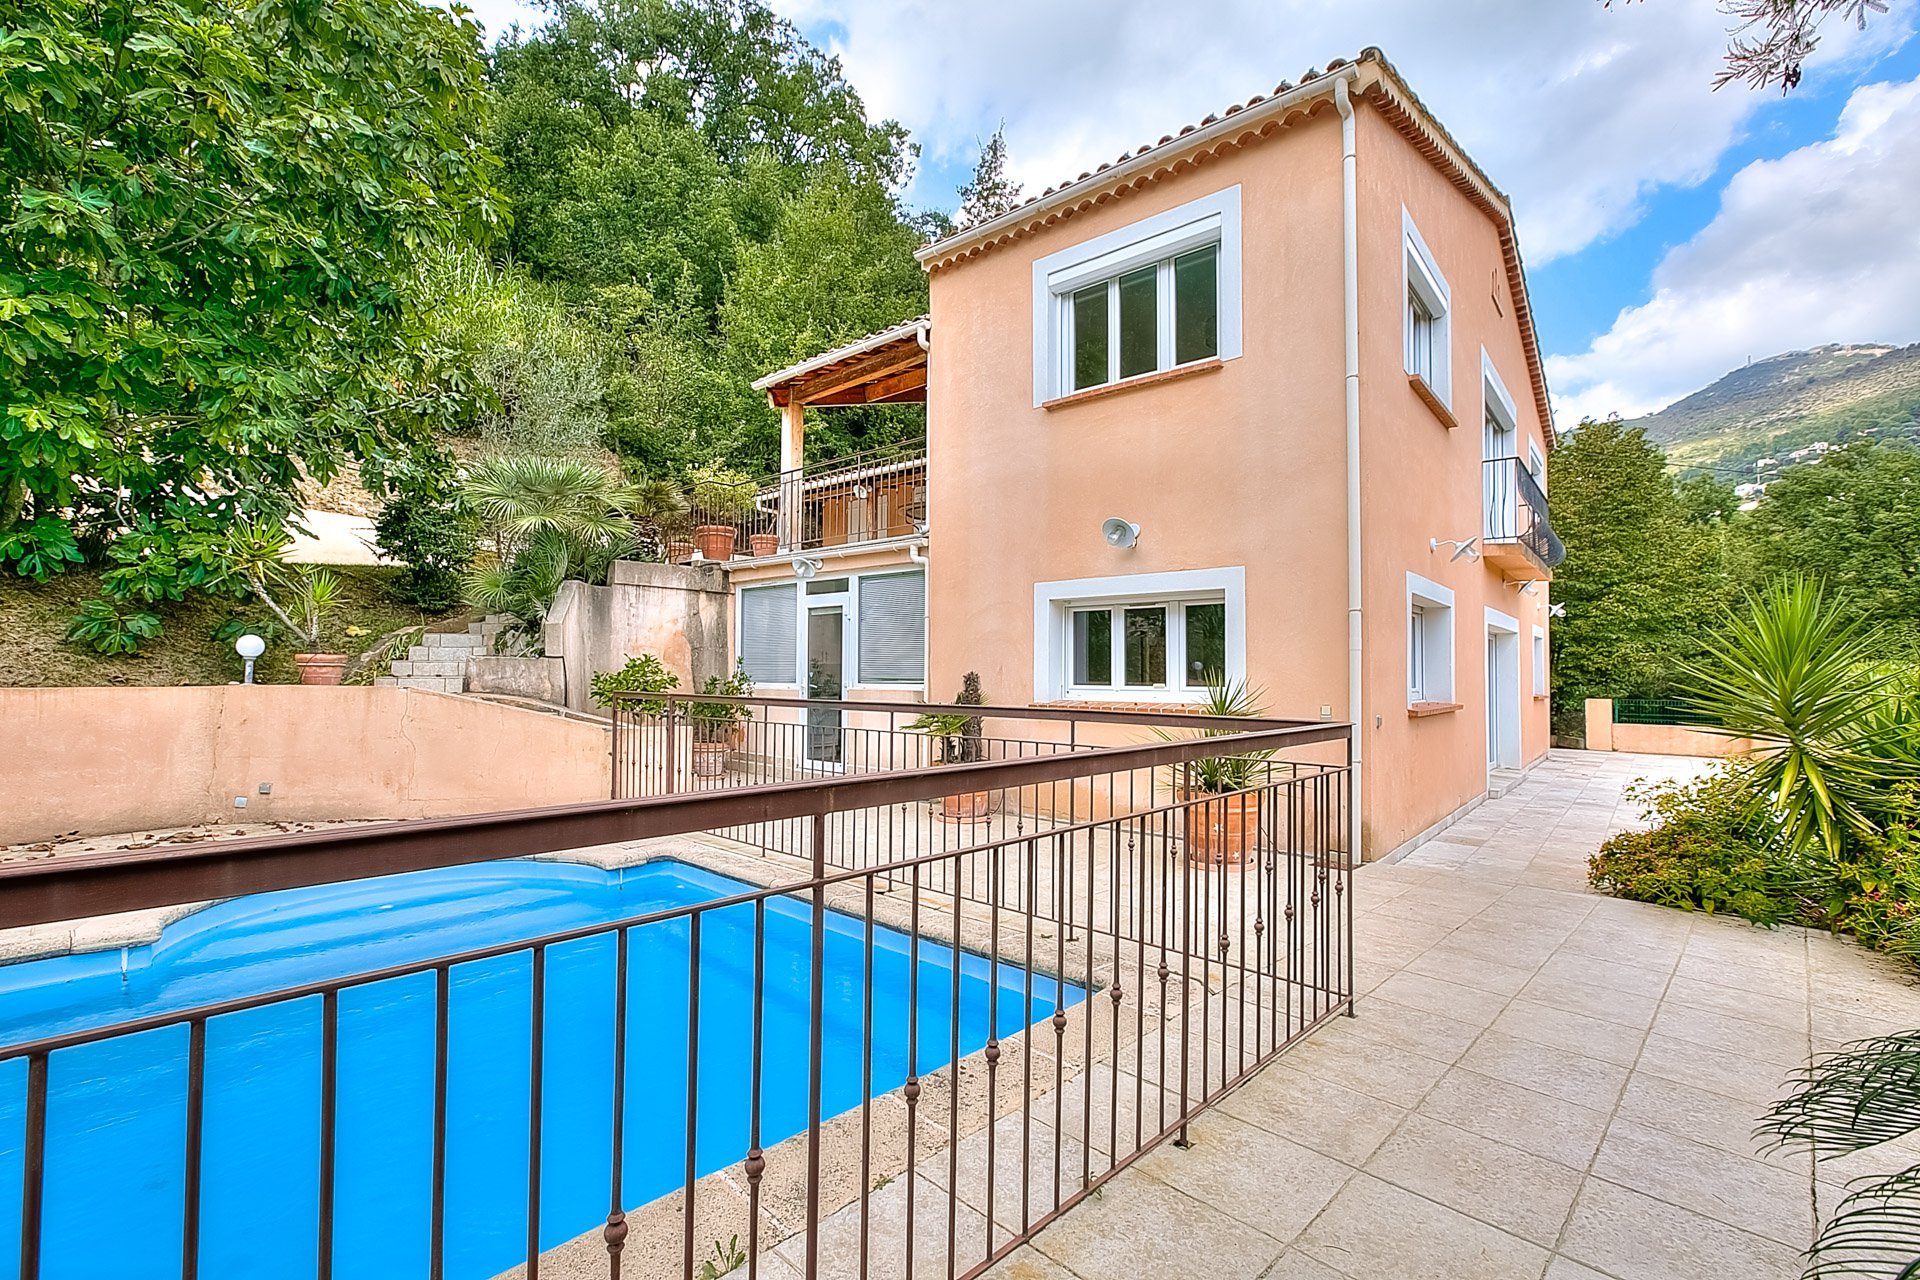 Villa 6/7 pièces à vendre Nice St Pancrace